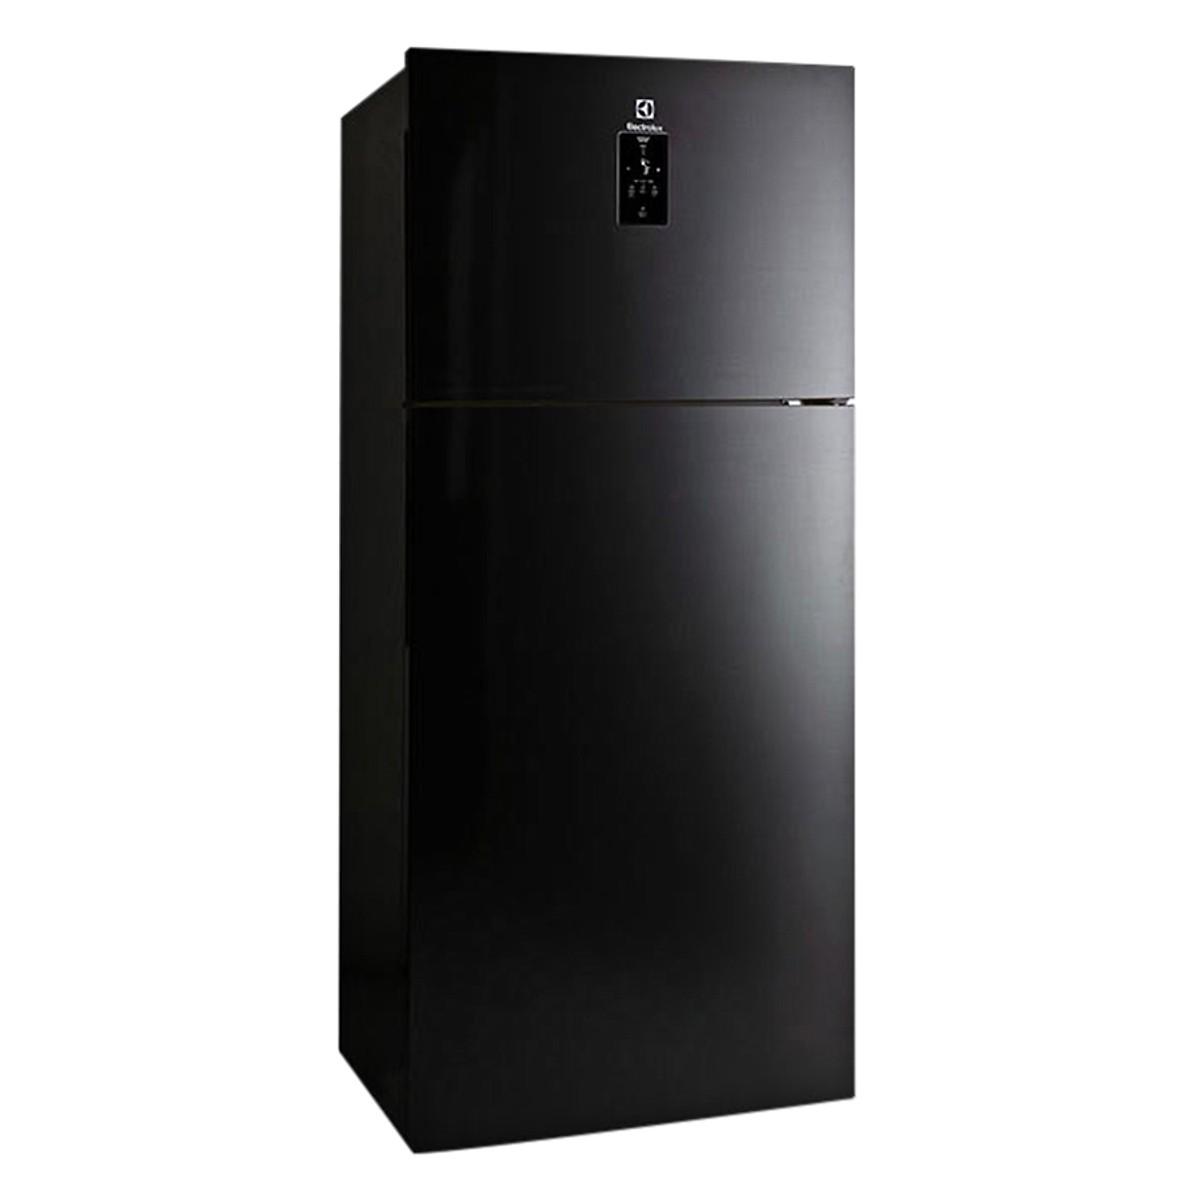 Tủ lạnh Electrolux Inverter ETE5722BA